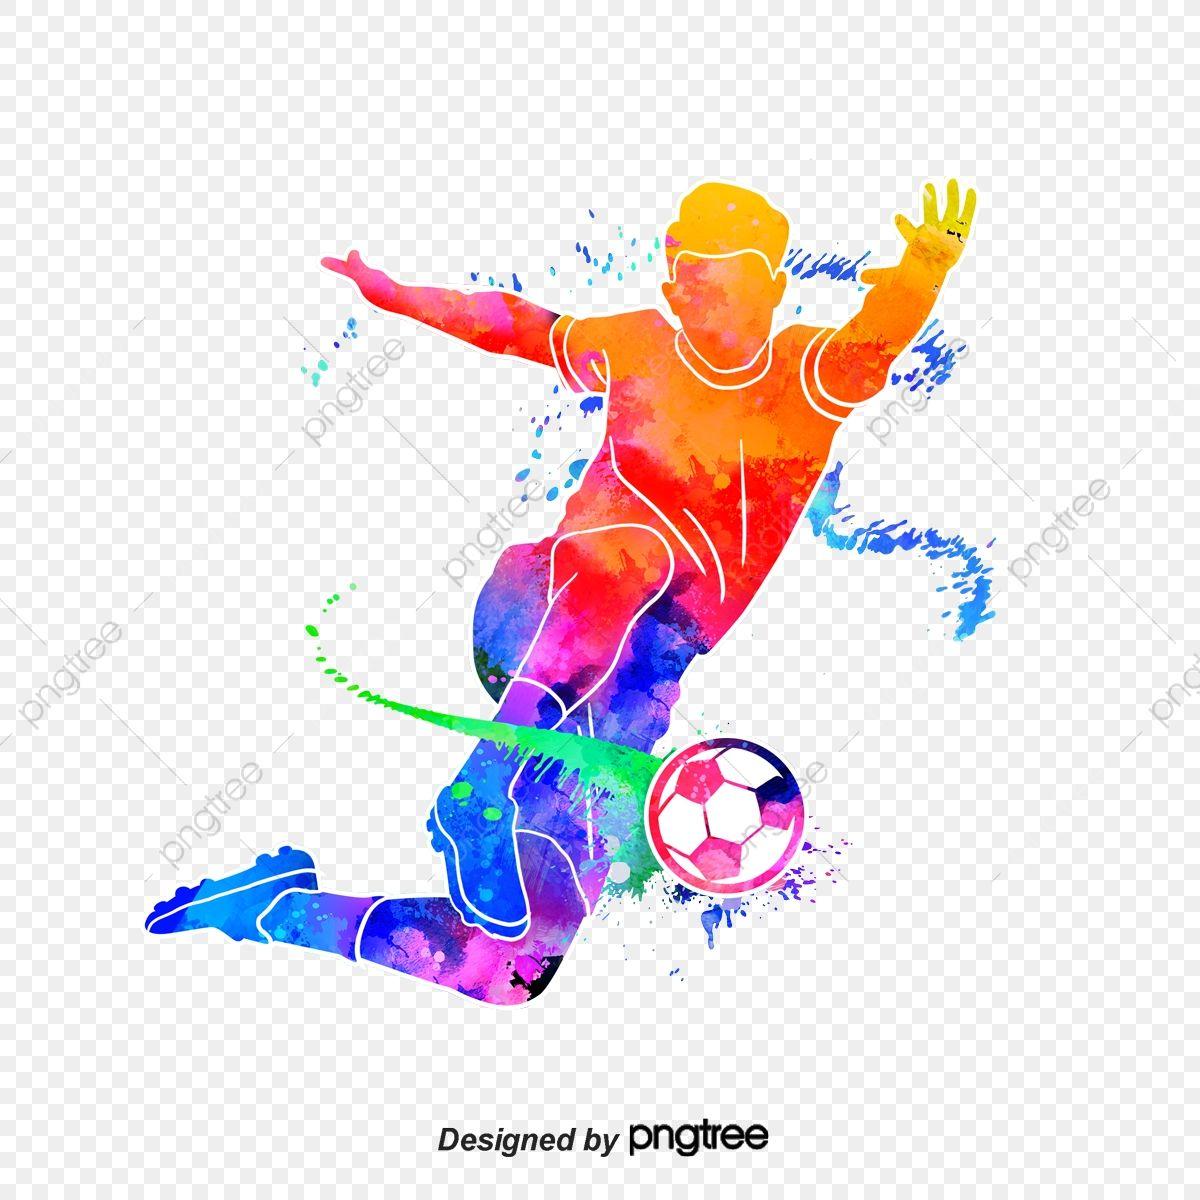 Silhueta De Jogadores De Futebol Criativo Futebol Multicolorido Personagem Imagem Png E Psd Para Download Gratuito Soccer Art Soccer Tattoos Football Players